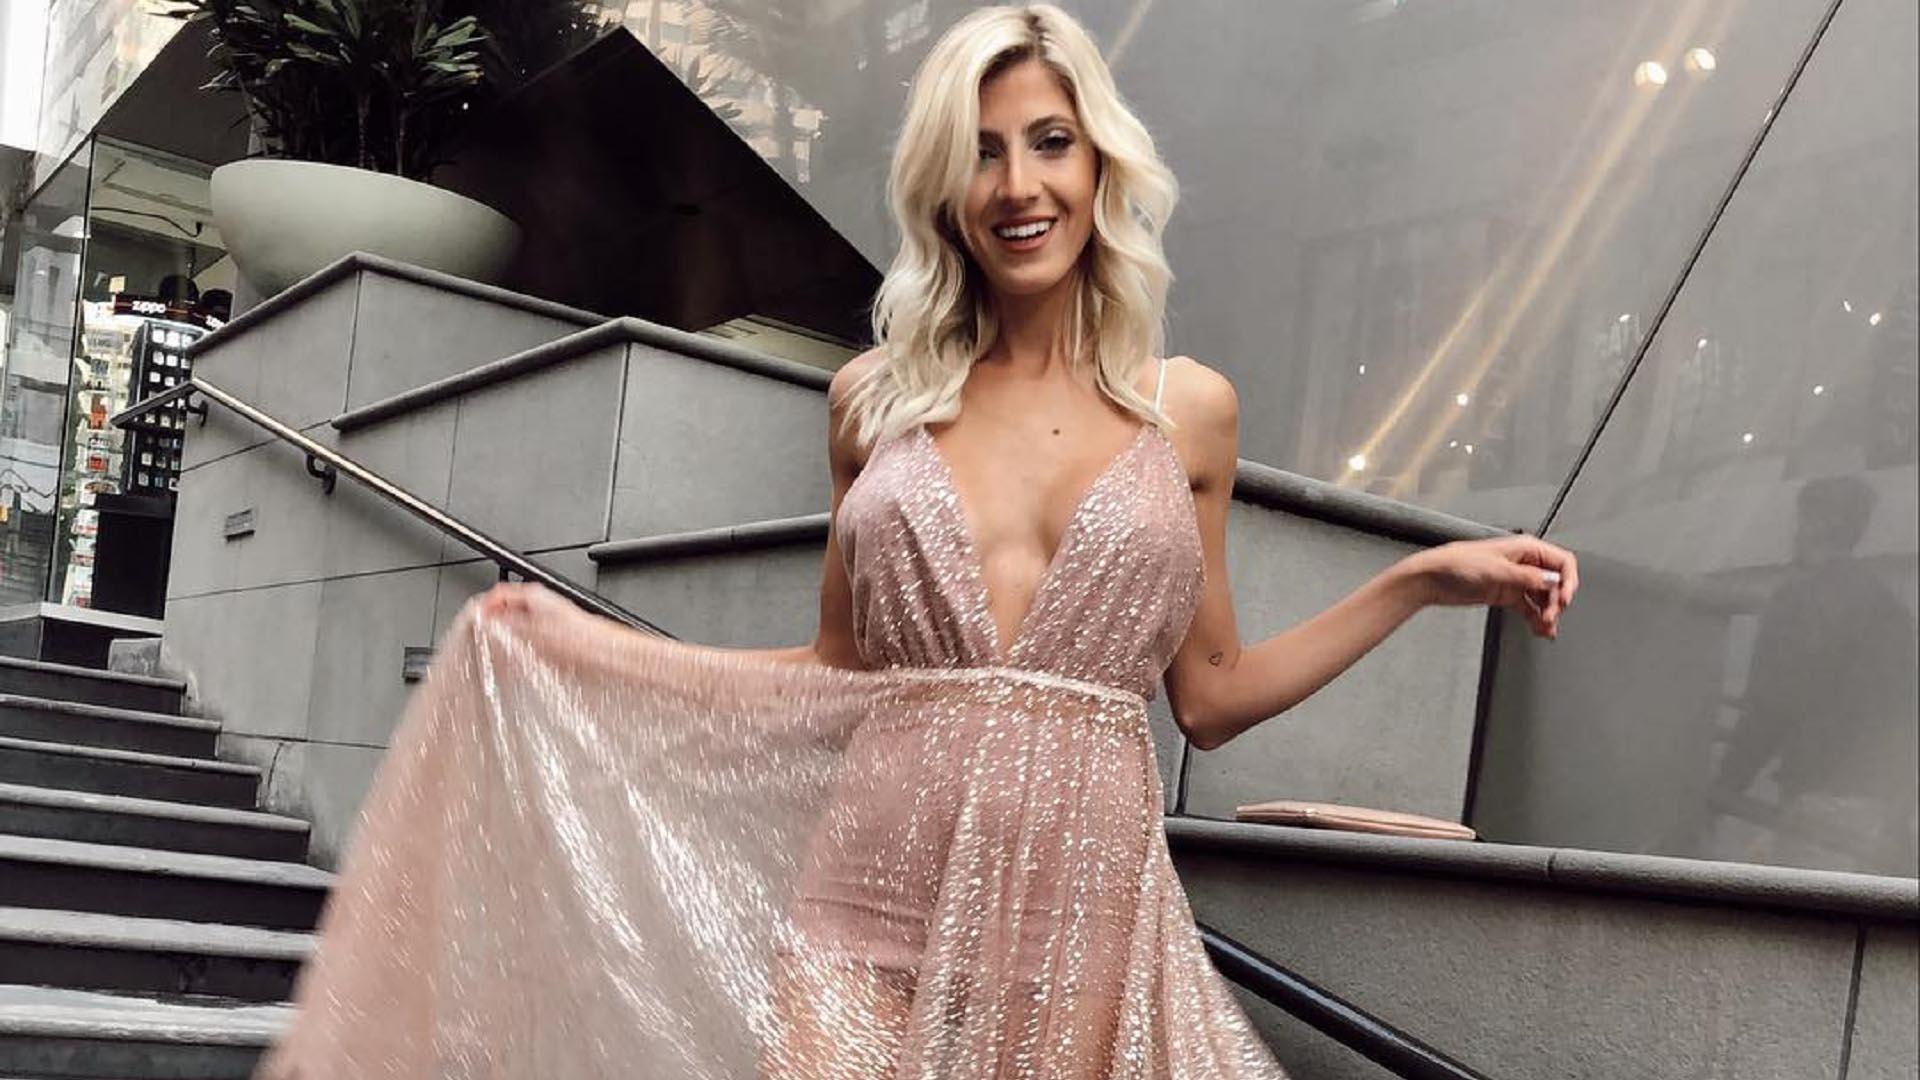 Cande Ruggeri llegó a Hollywood, la modelo viajó a Los Ángeles para trabajar con Marvel (Foto: Instagram)